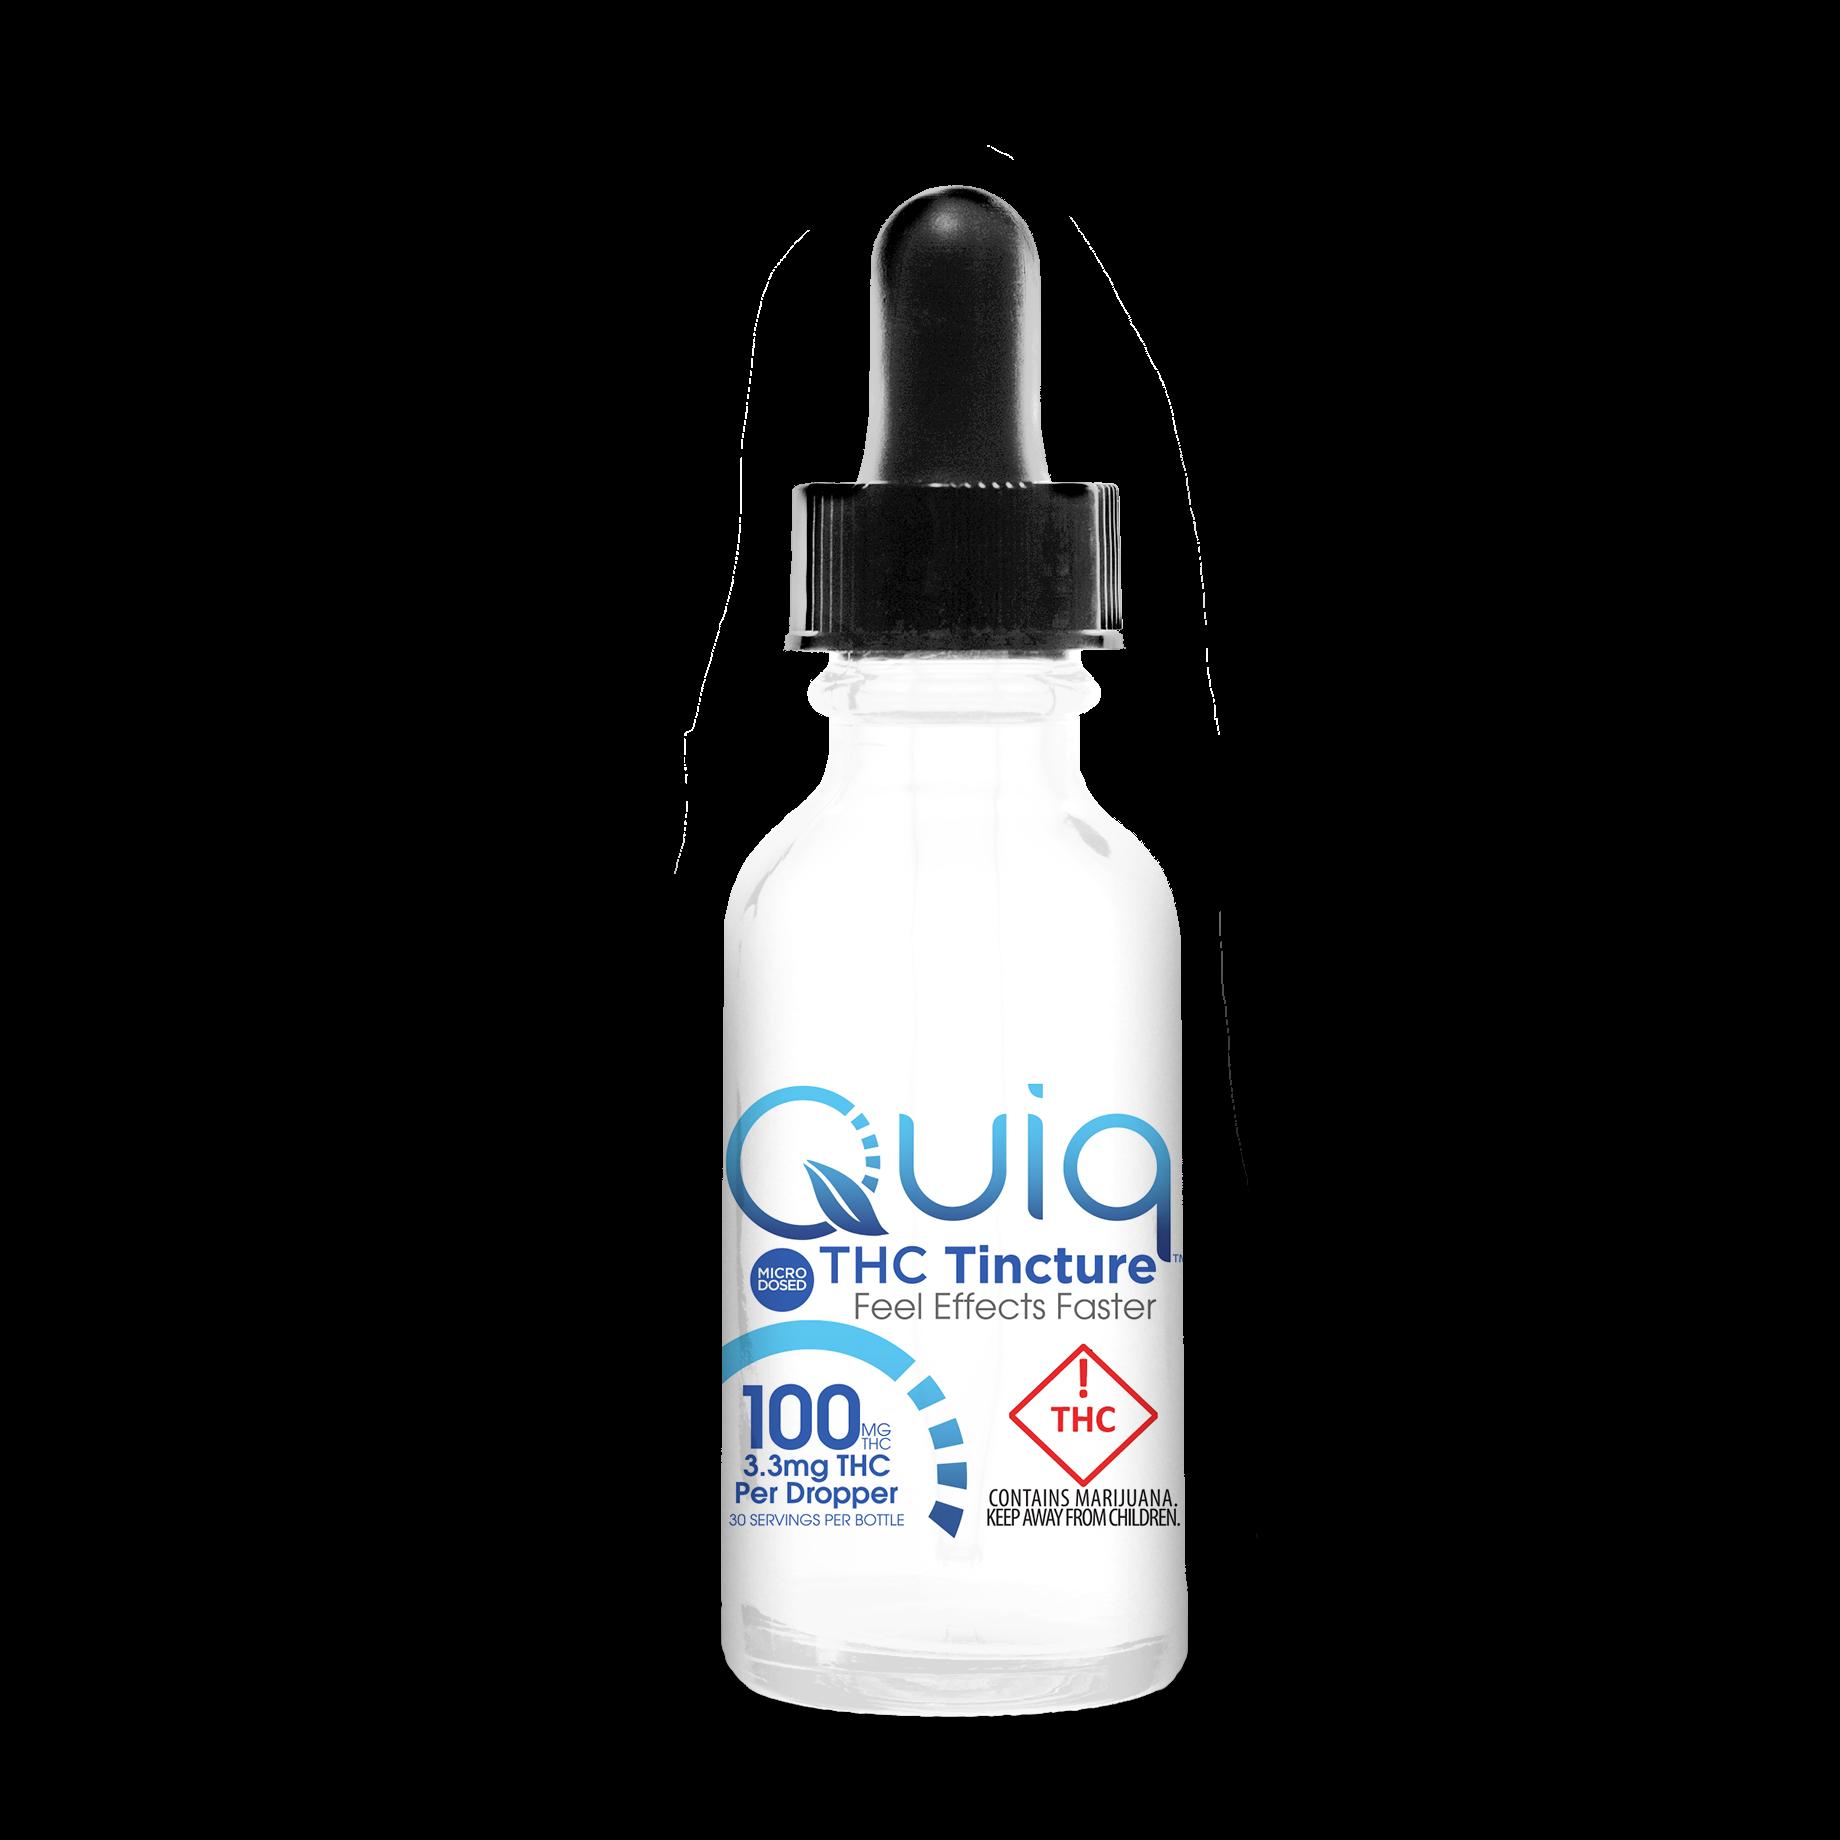 QUIQREC-Tincture-100T-RENDERING